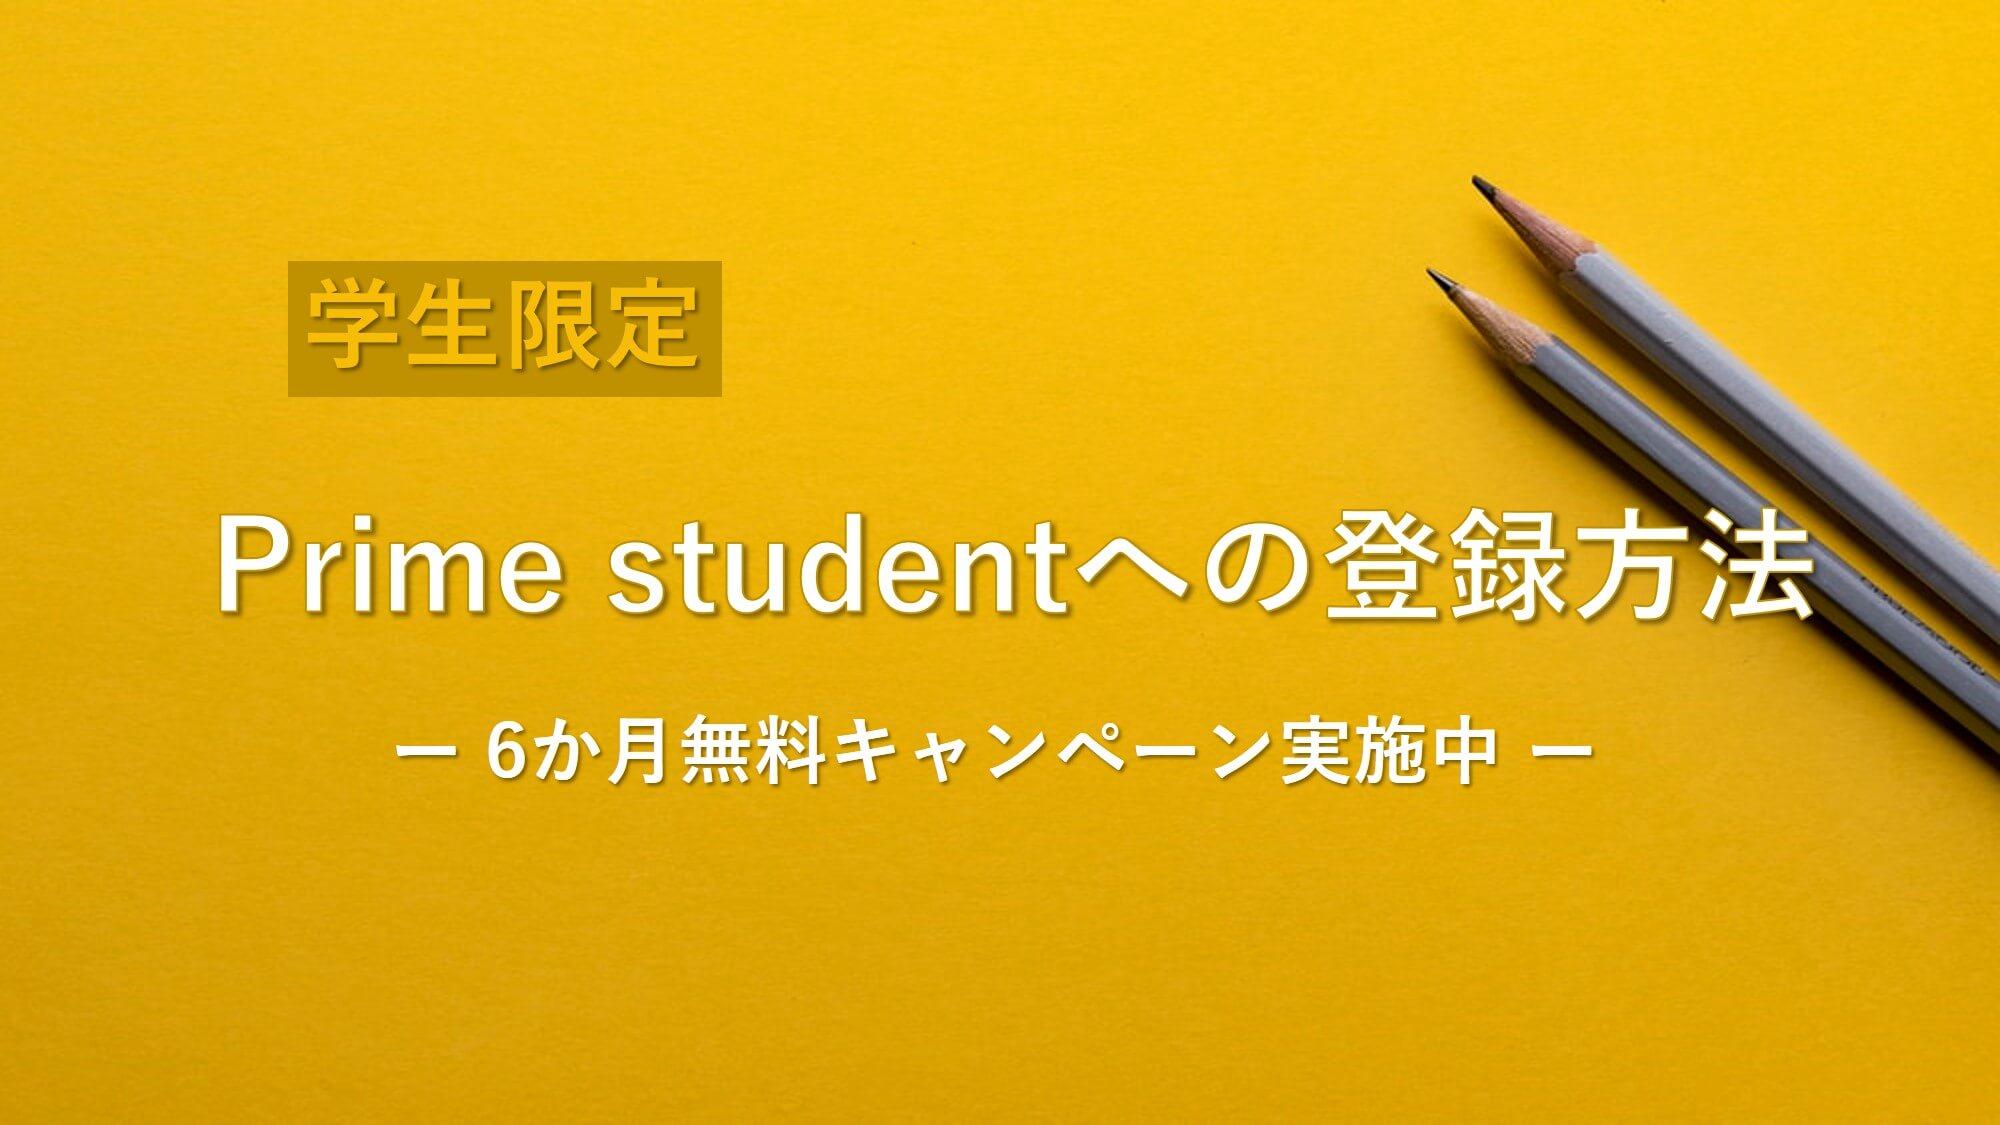 【圧倒的コスパ】prime studentを使い倒せ!登録方法も解説。